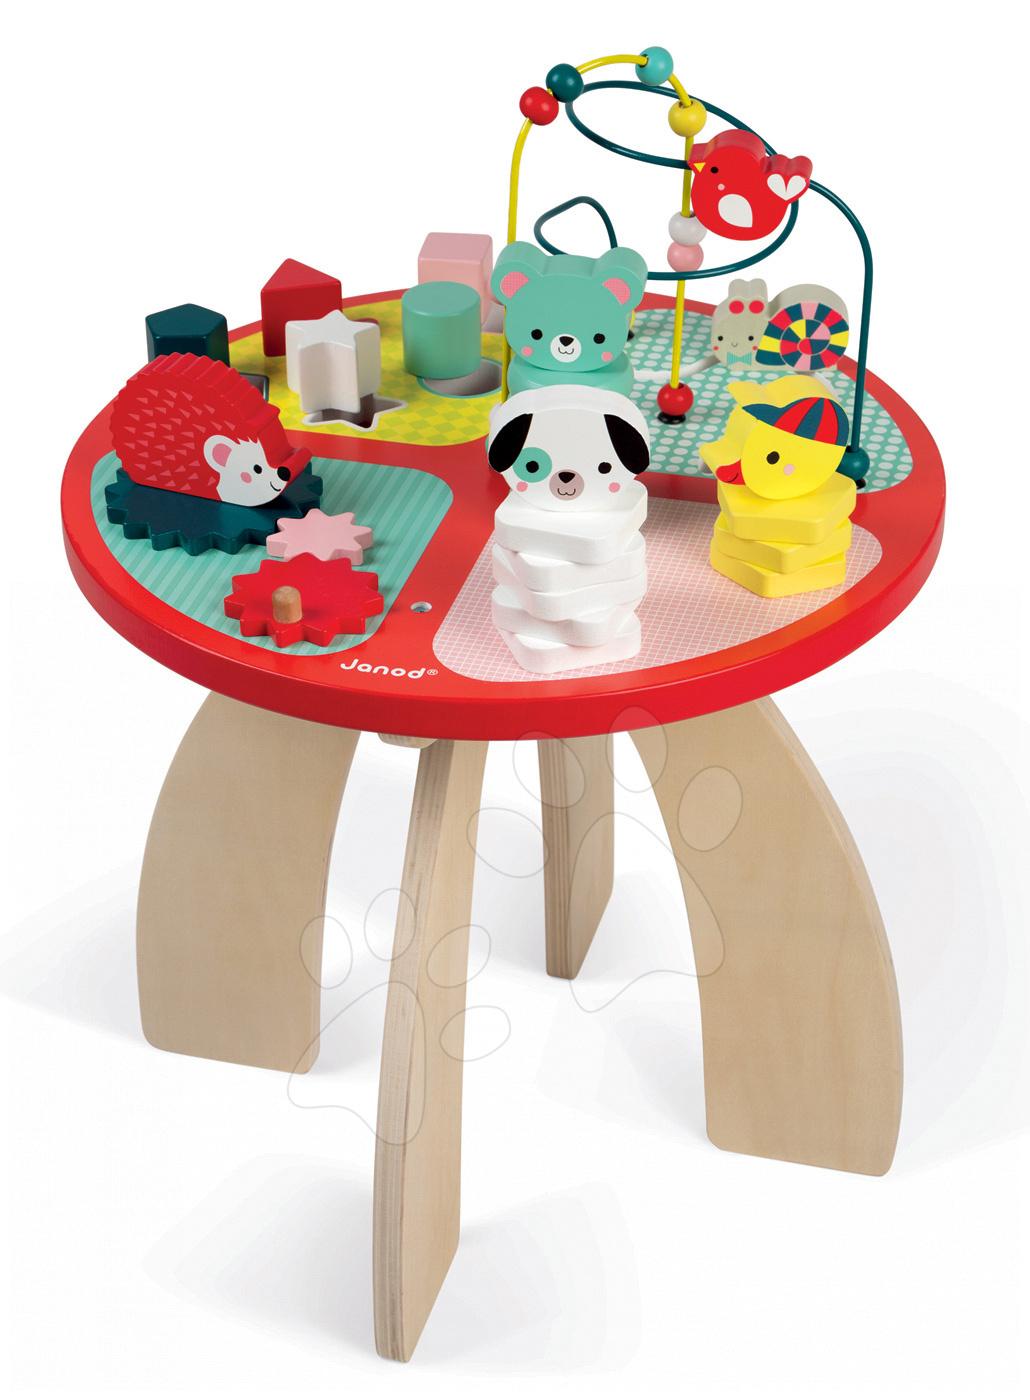 Dřevěný didaktický stůl Baby Forest Janod s lesními zvířátky a různými funkcemi od 12 měsíců